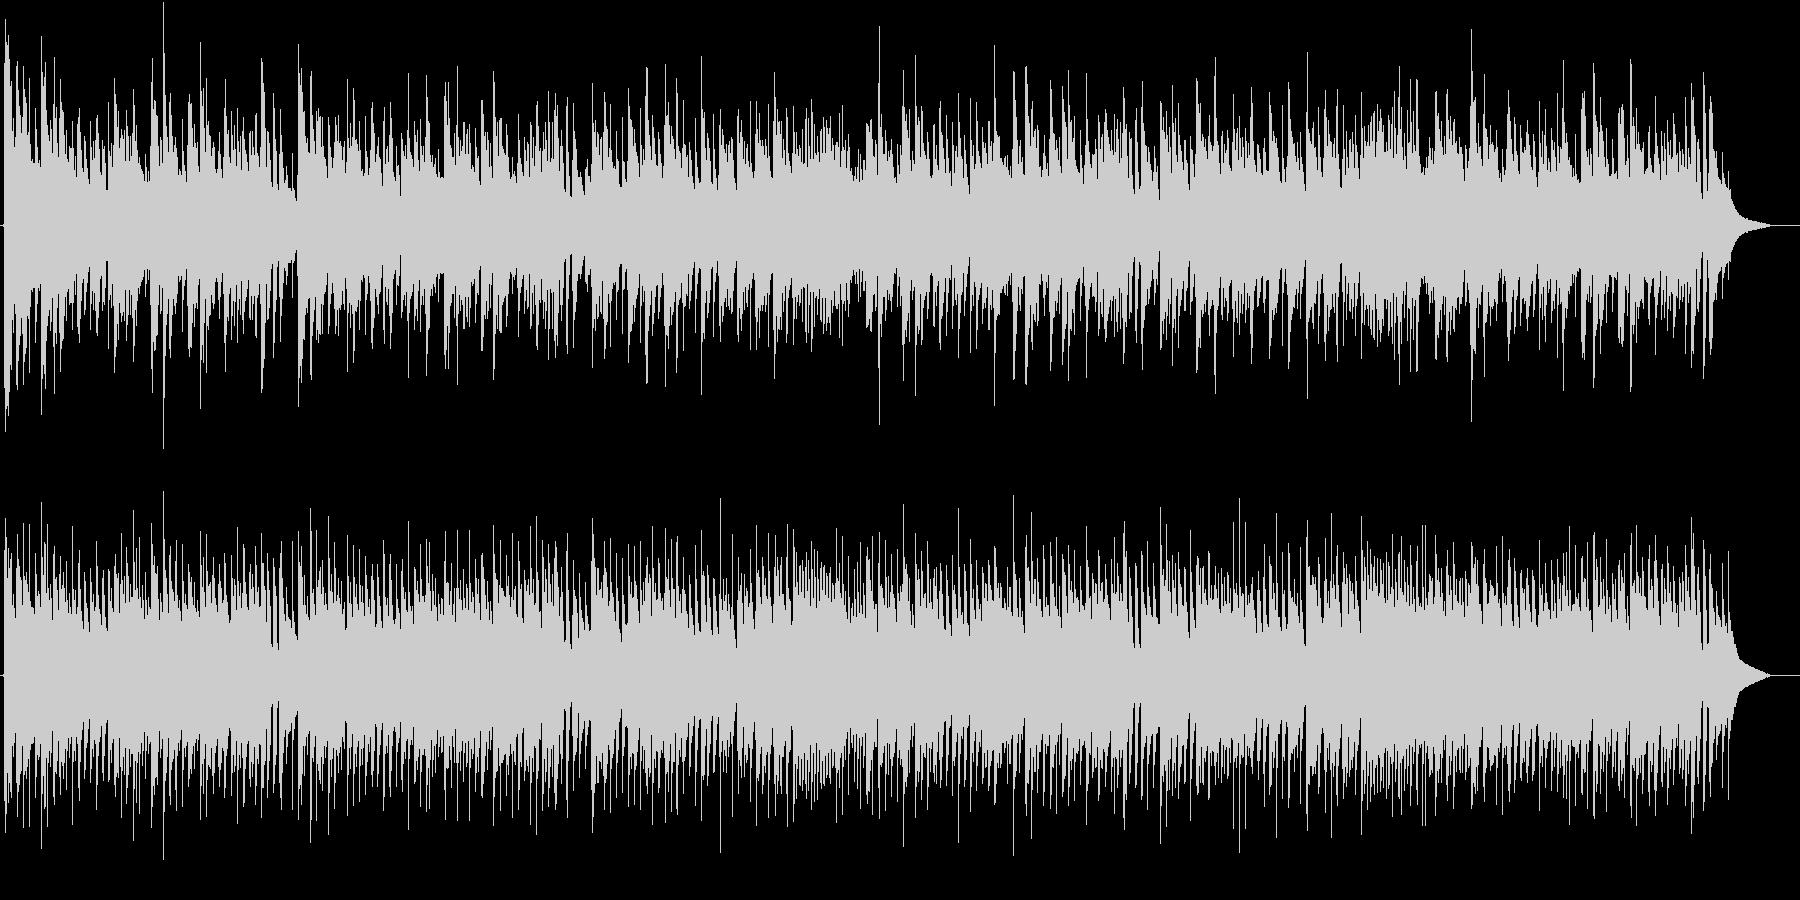 結婚式バッハメヌエット116ソフトロックの未再生の波形